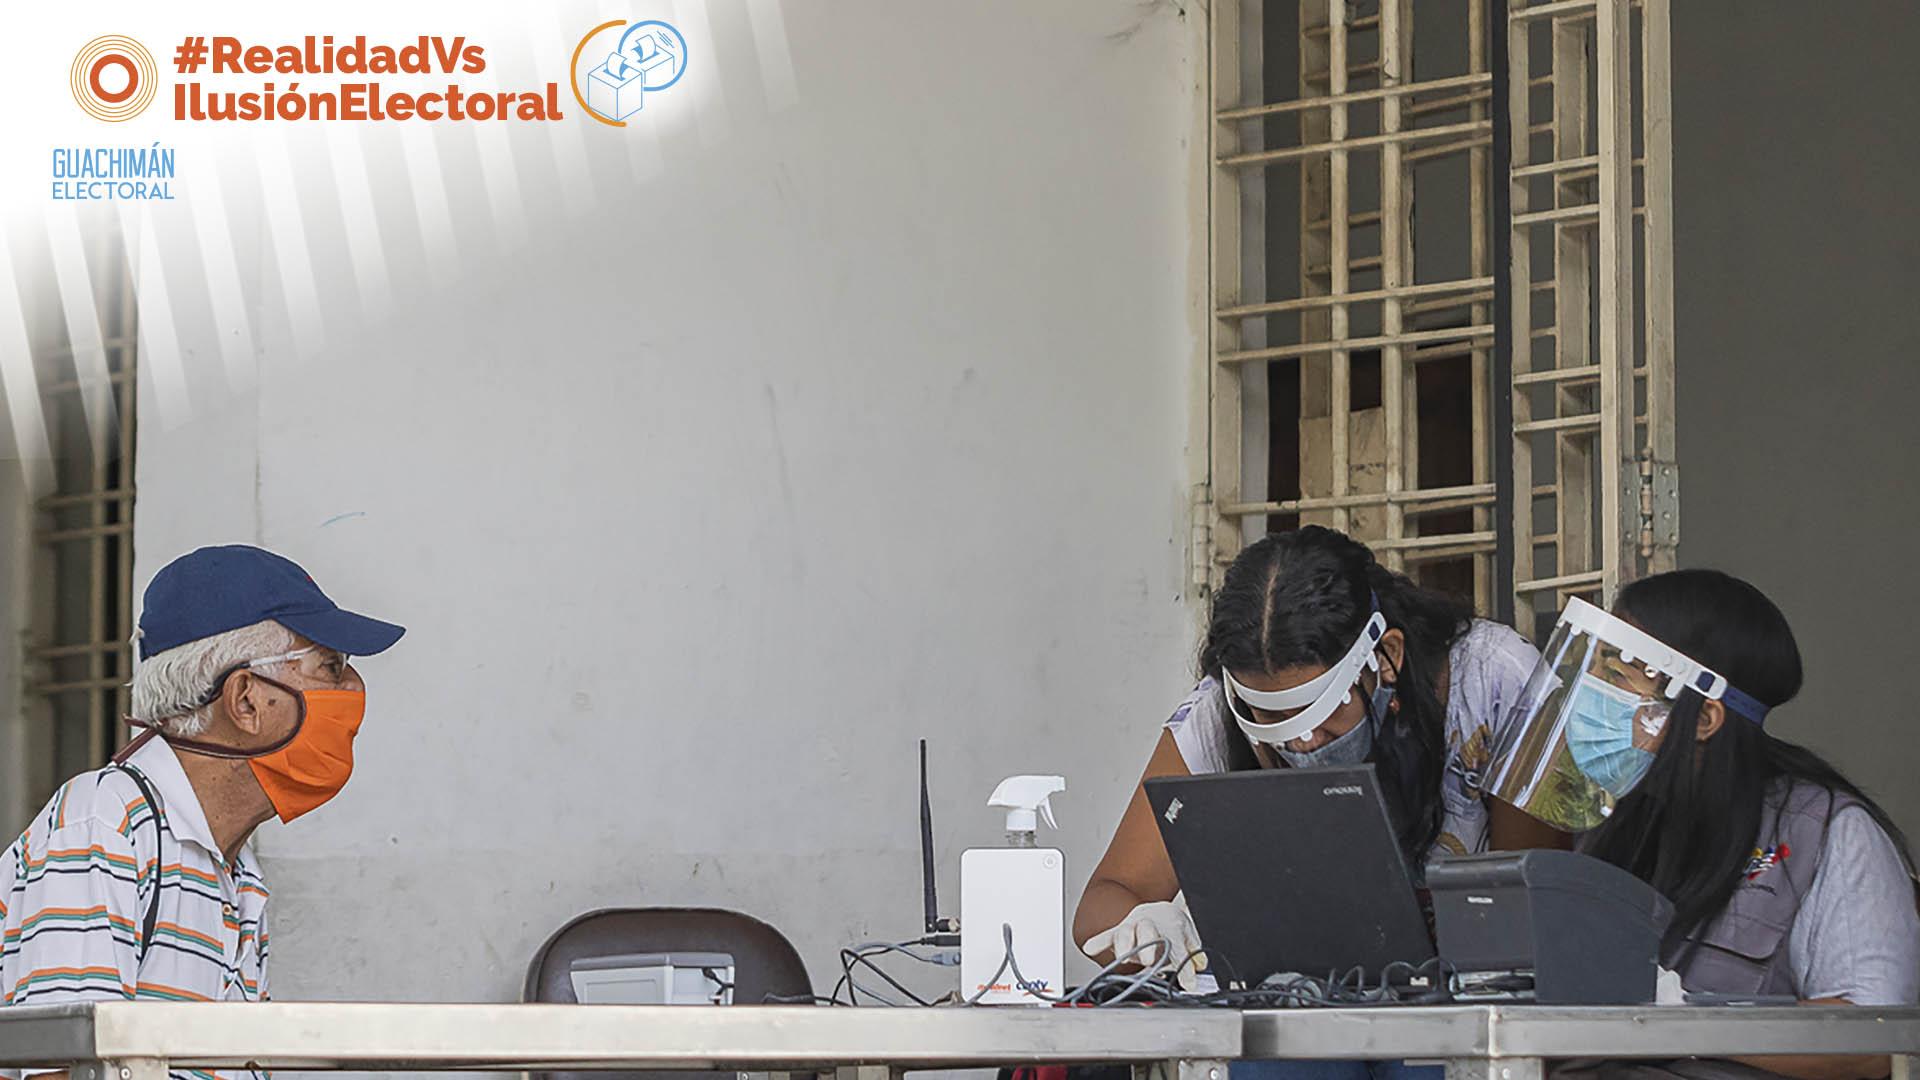 #GuachimánElectoral | El #6D disputa espacios a las protestas sociales en las redes